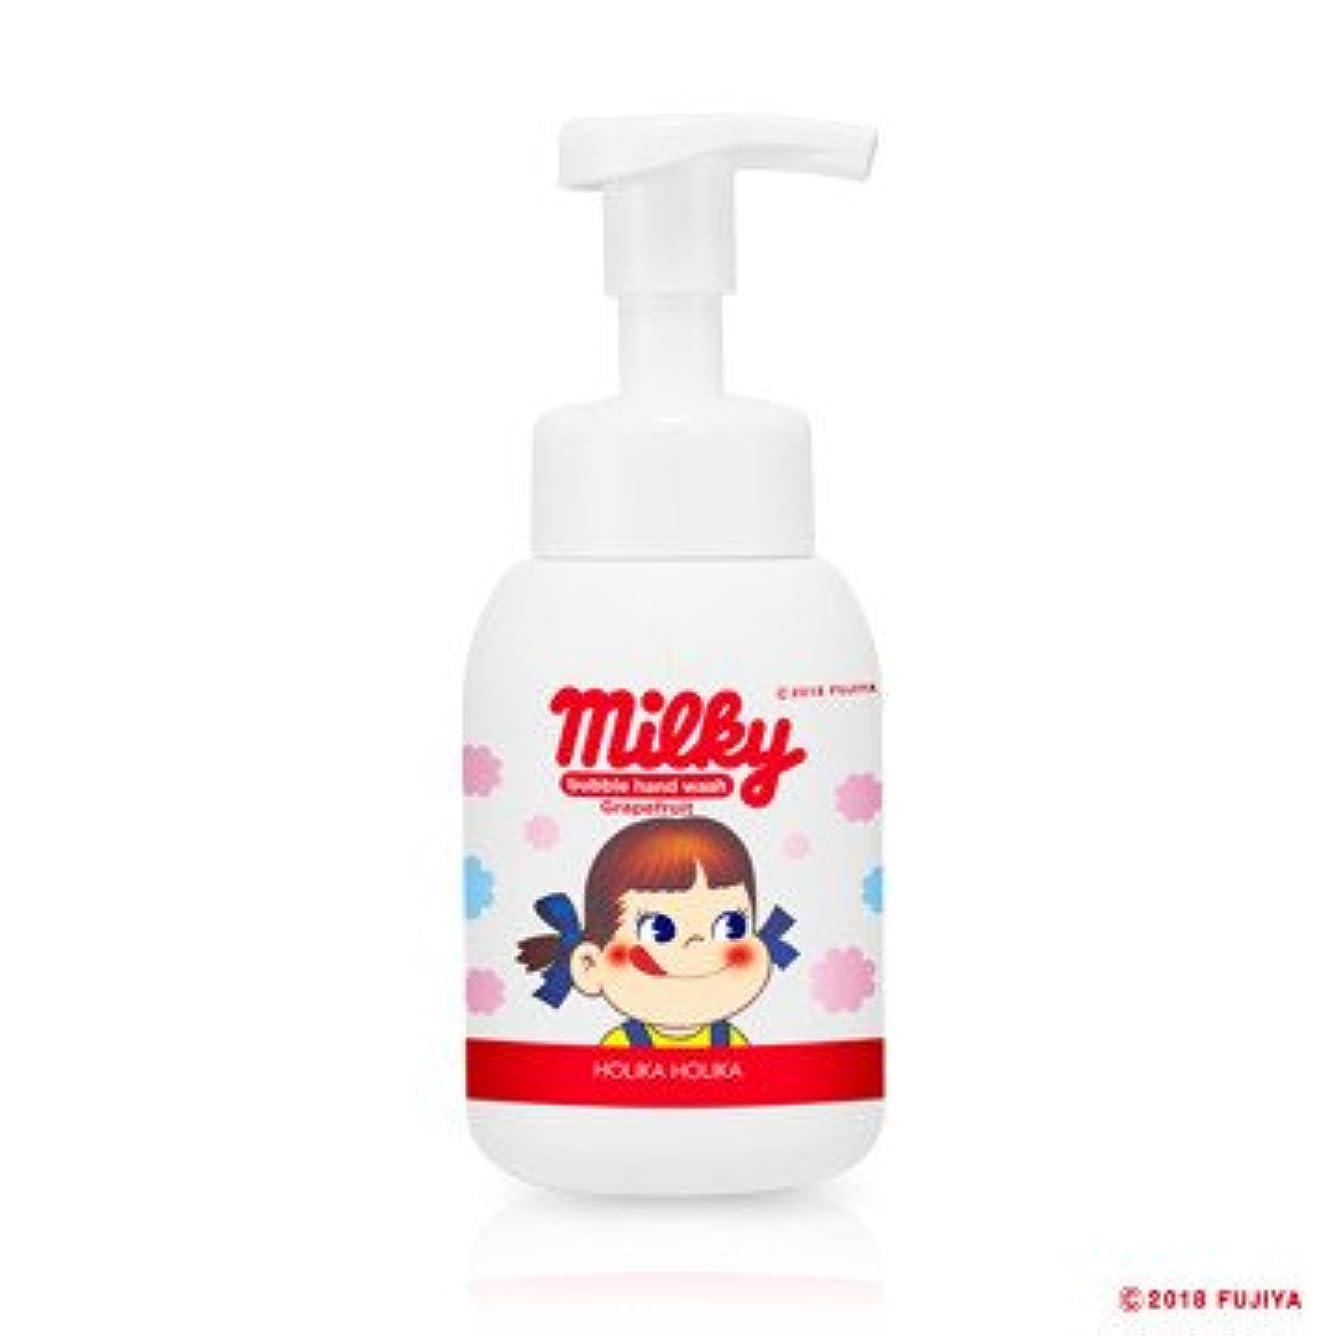 太字常識予測するHolika Holika [Sweet Peko Edition] Bubble Hand Wash/ホリカホリカ [スイートペコエディション] バブルハンドウォッシュ 250ml [並行輸入品]